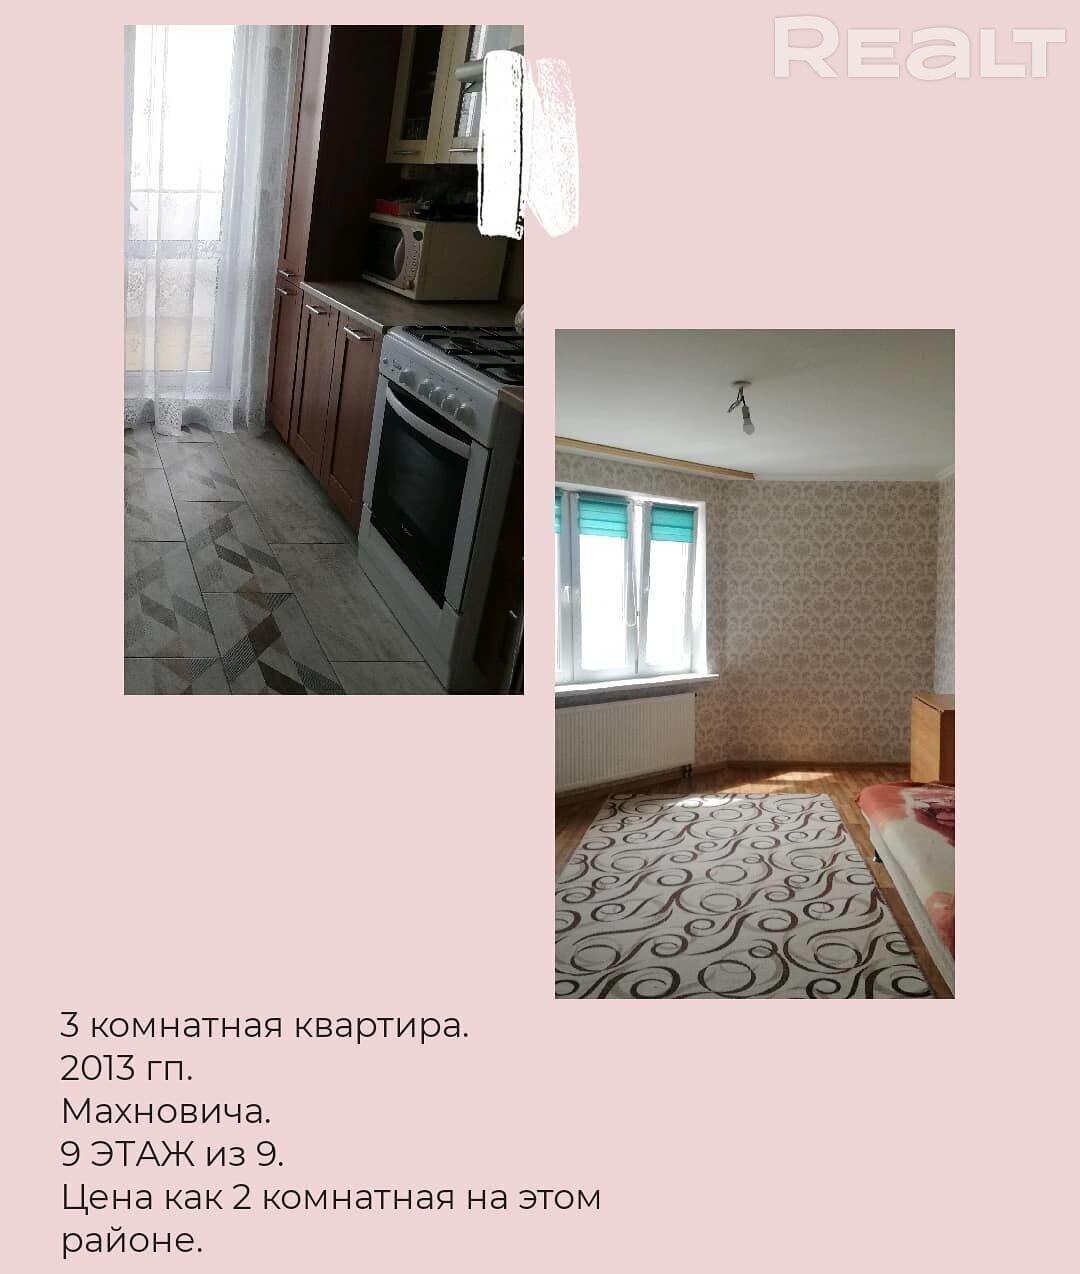 Продажа 3-х комнатной квартиры в г. Бресте, ул. Махновича (р-н Юго-Запад). Цена 126 237 руб c торгом